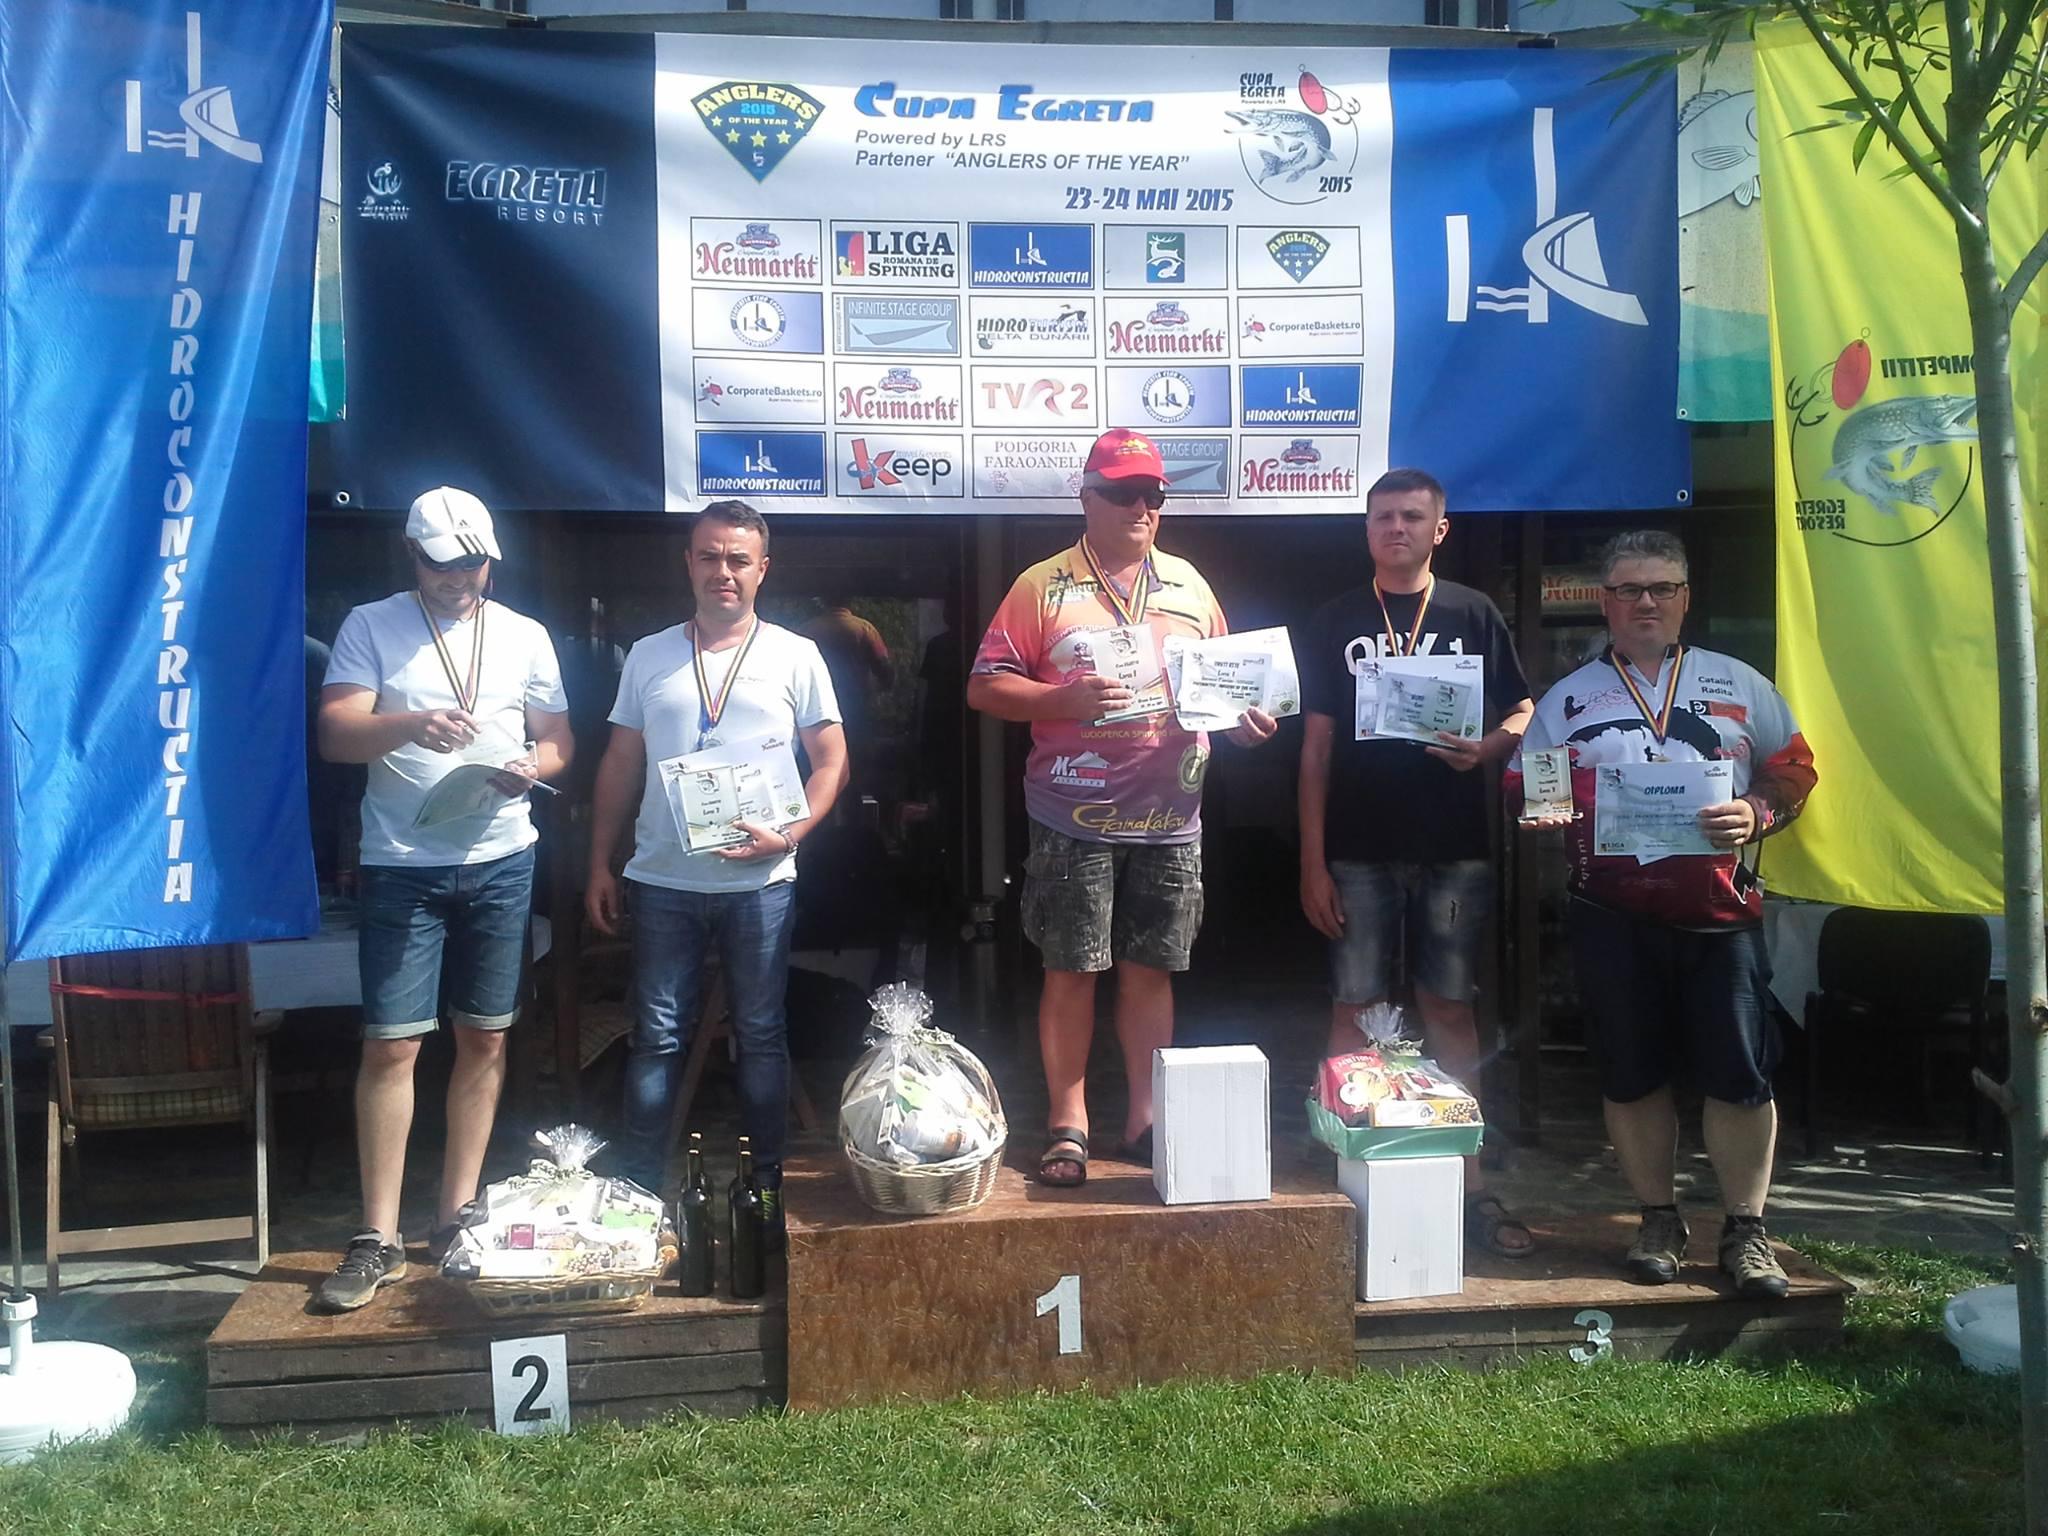 podium 1